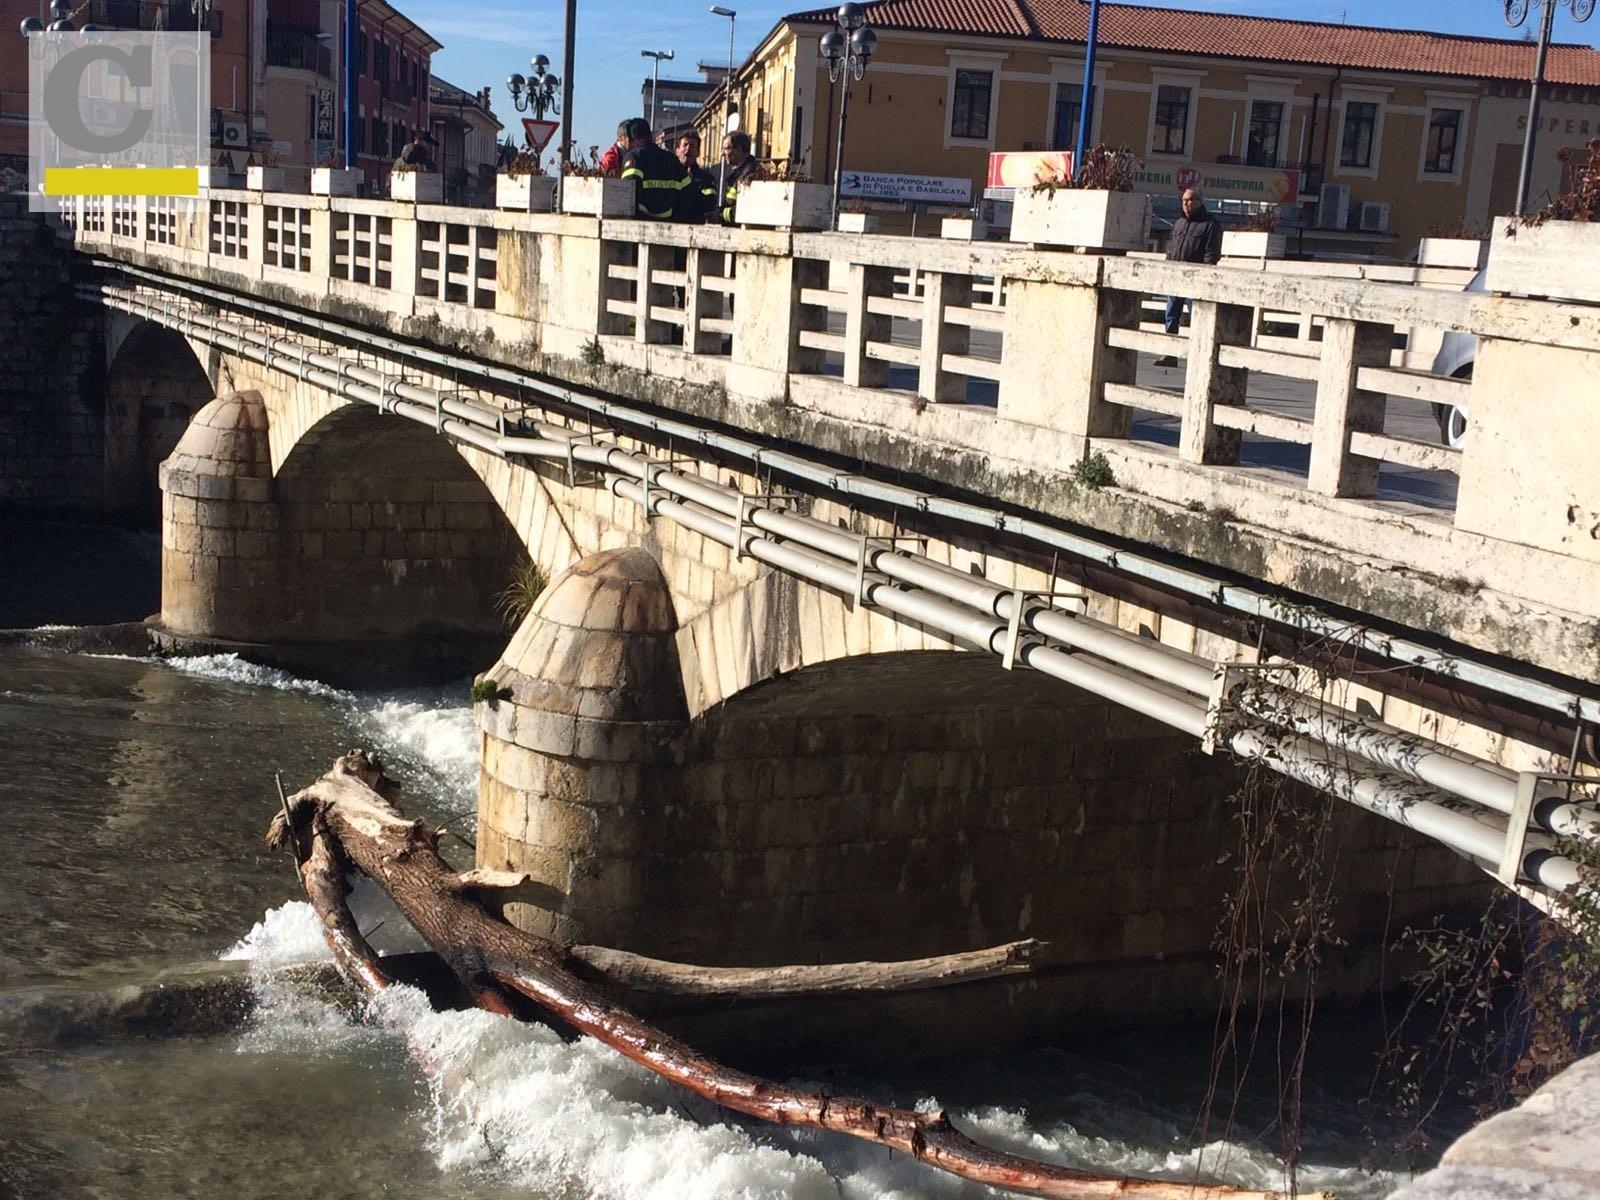 foto fiume liri un grande tronco incastrato nelle